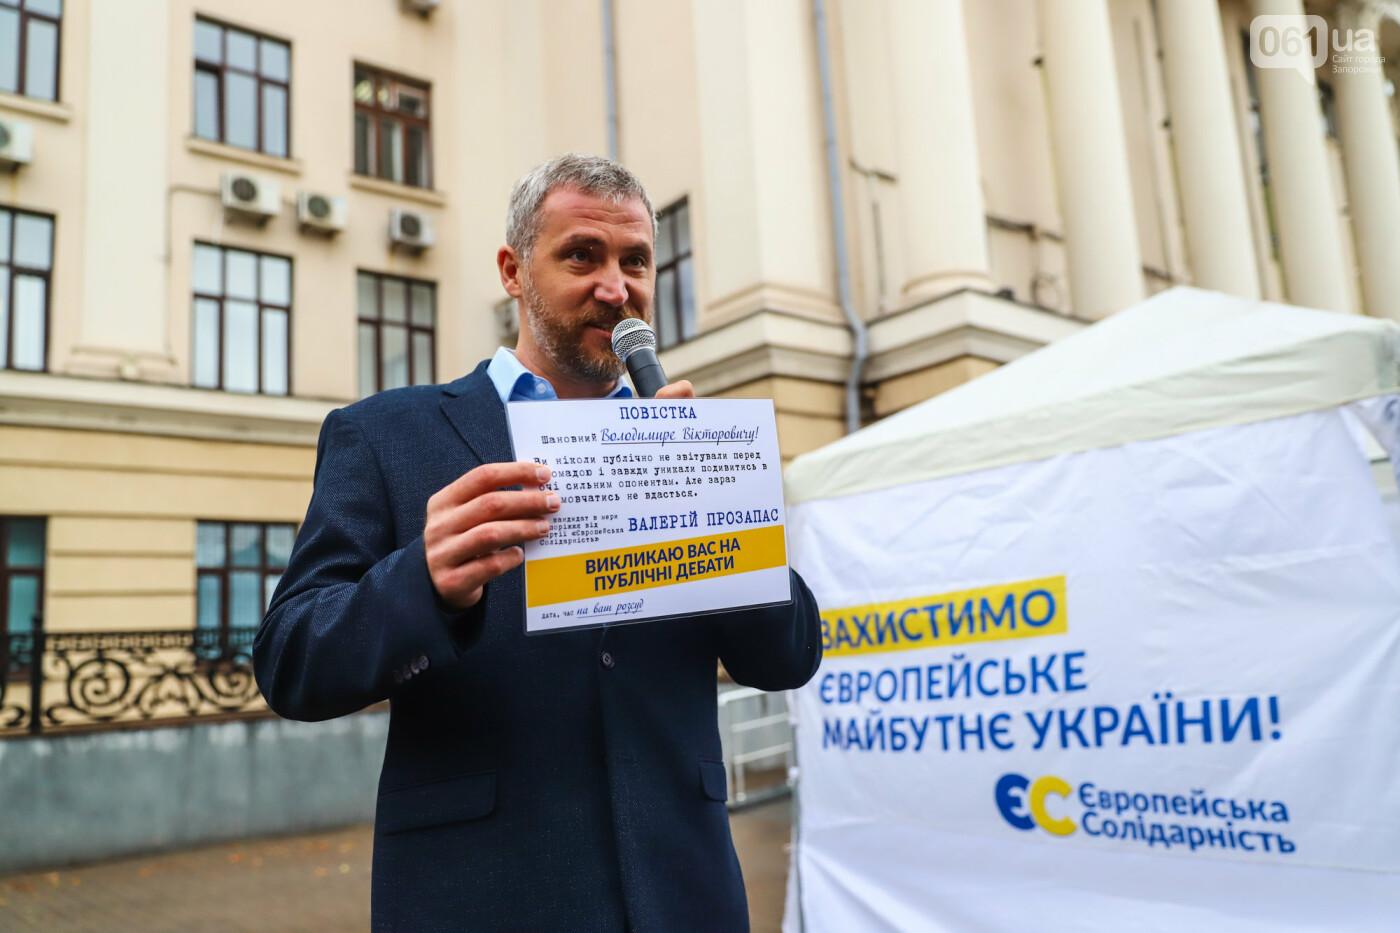 Кандидат в мэры Запорожья Валерий Прозапас вызвал Буряка на публичные дебаты, фото-6